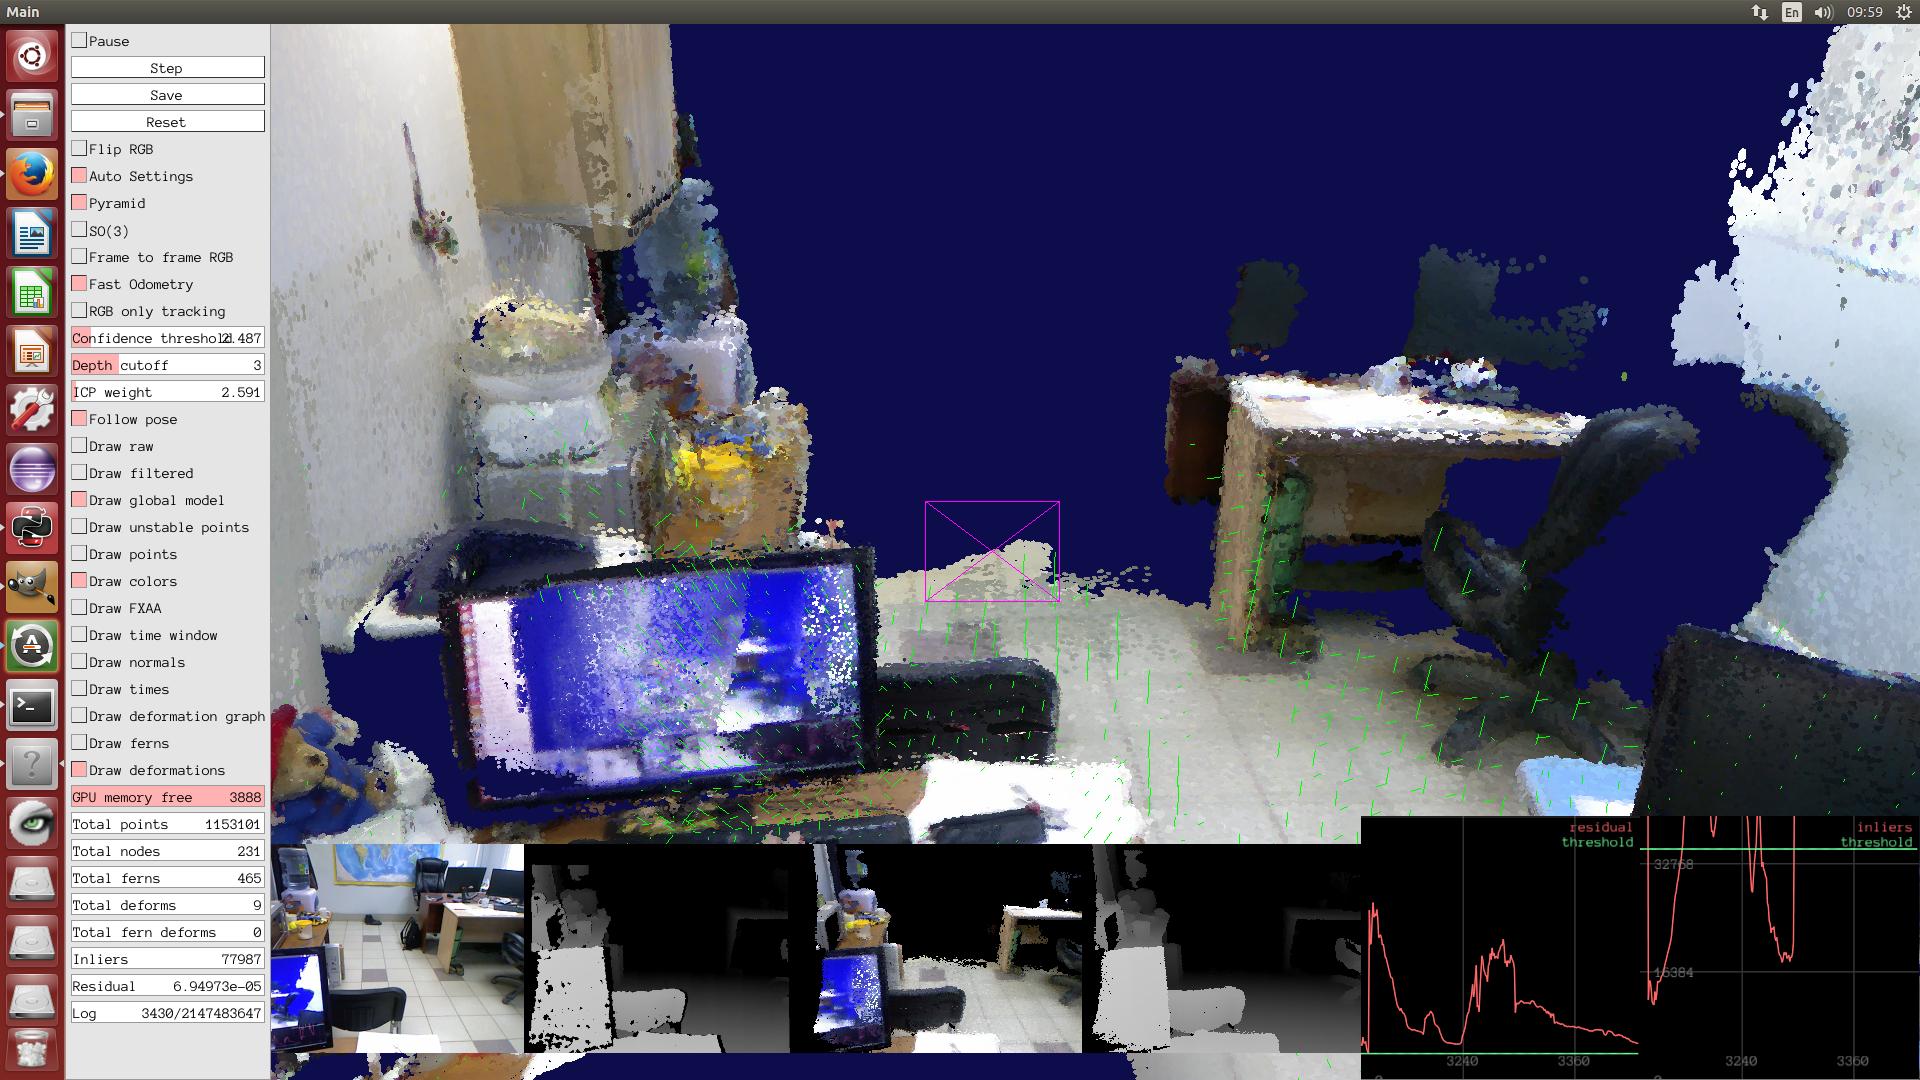 Vision-based SLAM: стерео- и depth-SLAM - 7